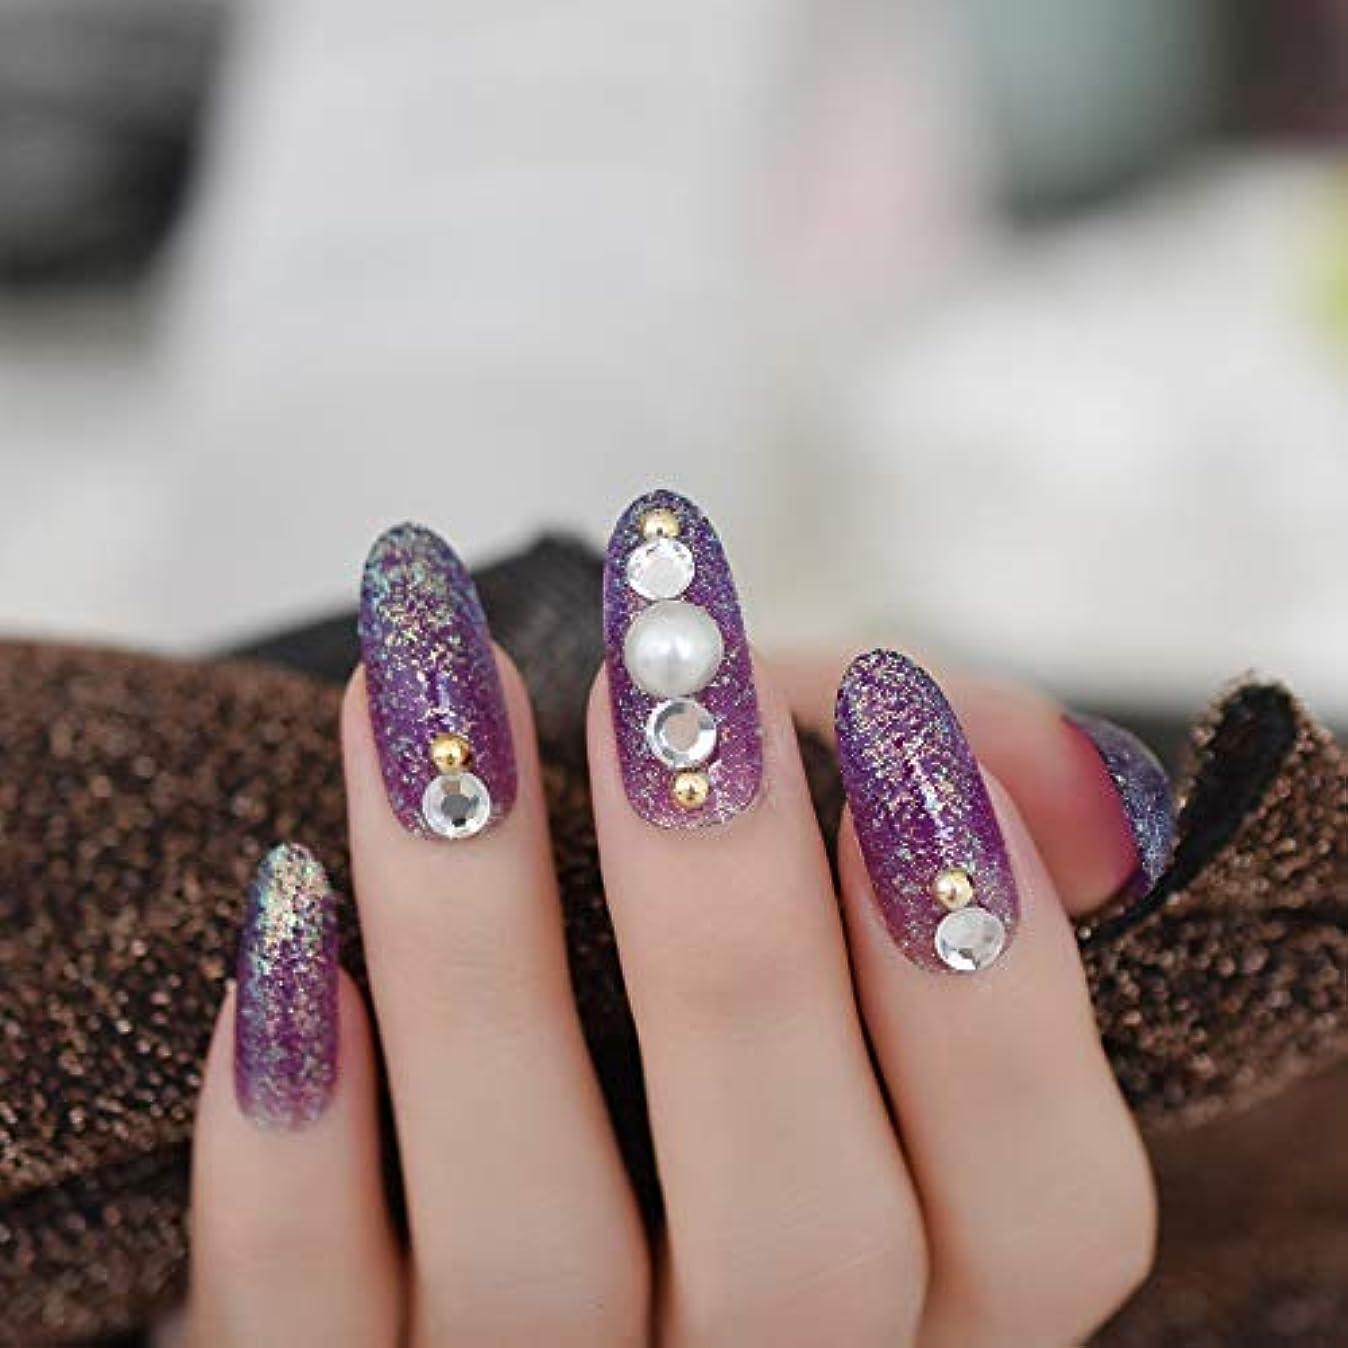 芽先例国籍XUTXZKA 指のタブのために装飾された長い楕円形のキラキラ偽の釘紫大